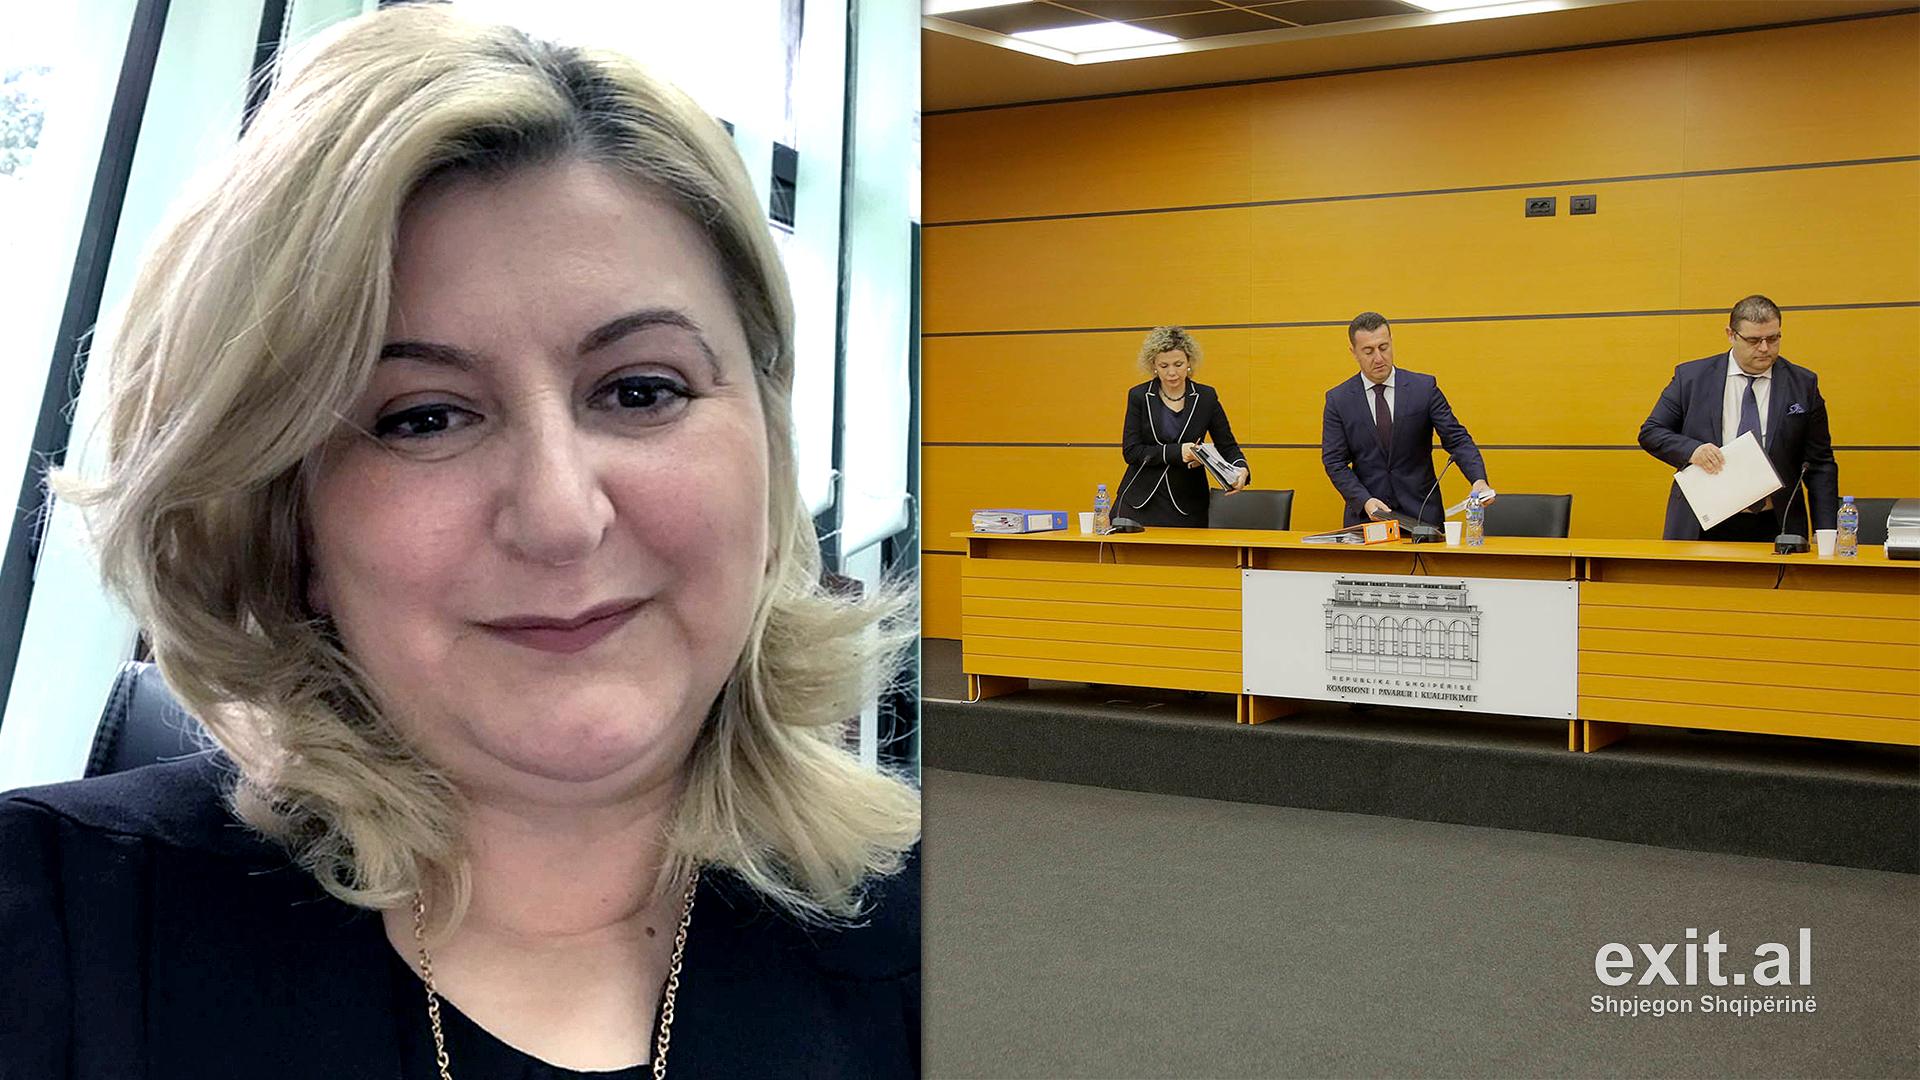 Dorëhiqet gjyqtarja e Tiranës, Regleta Panajoti